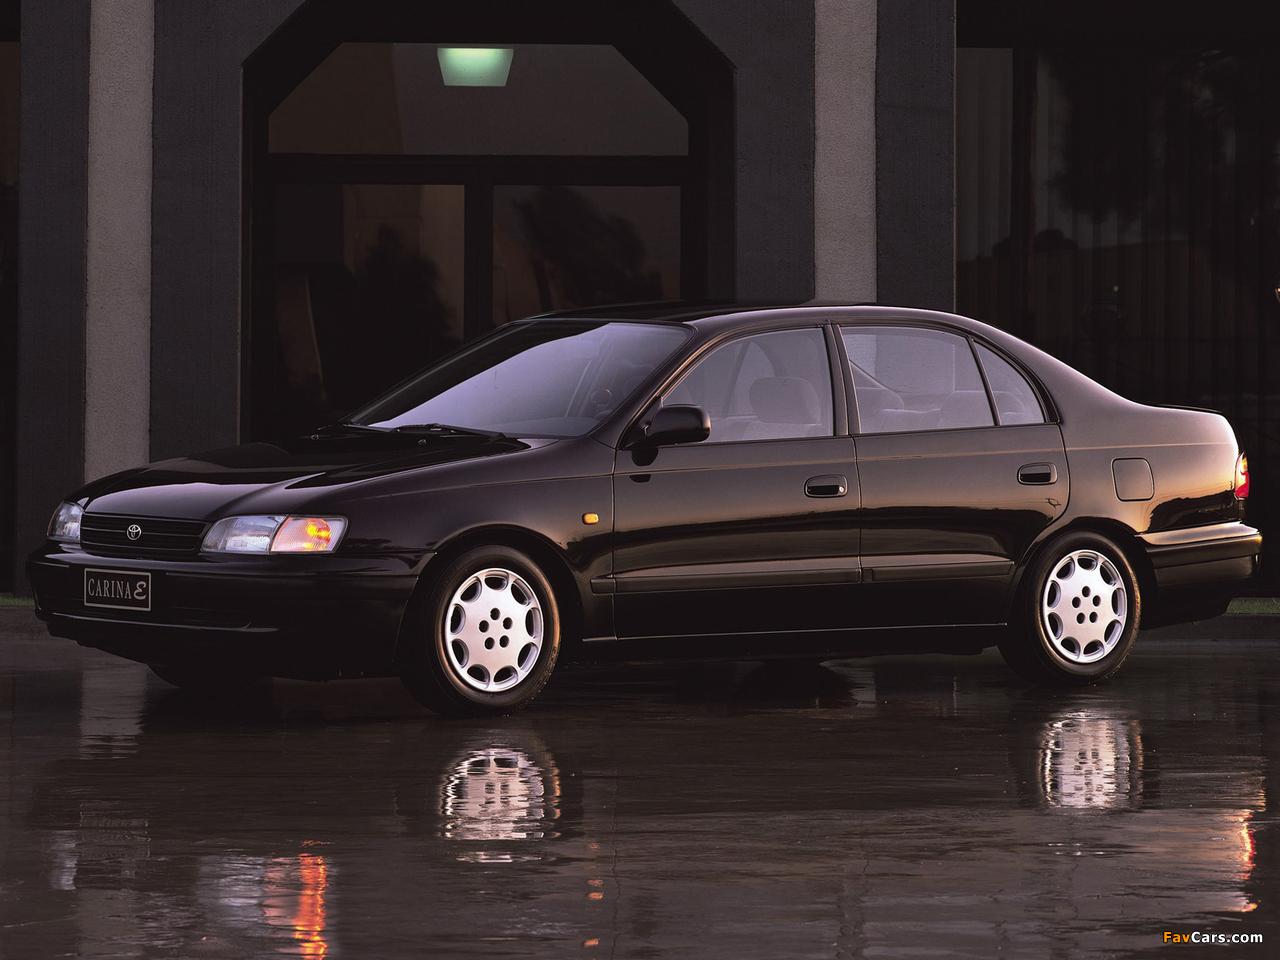 Toyota Карина е 4